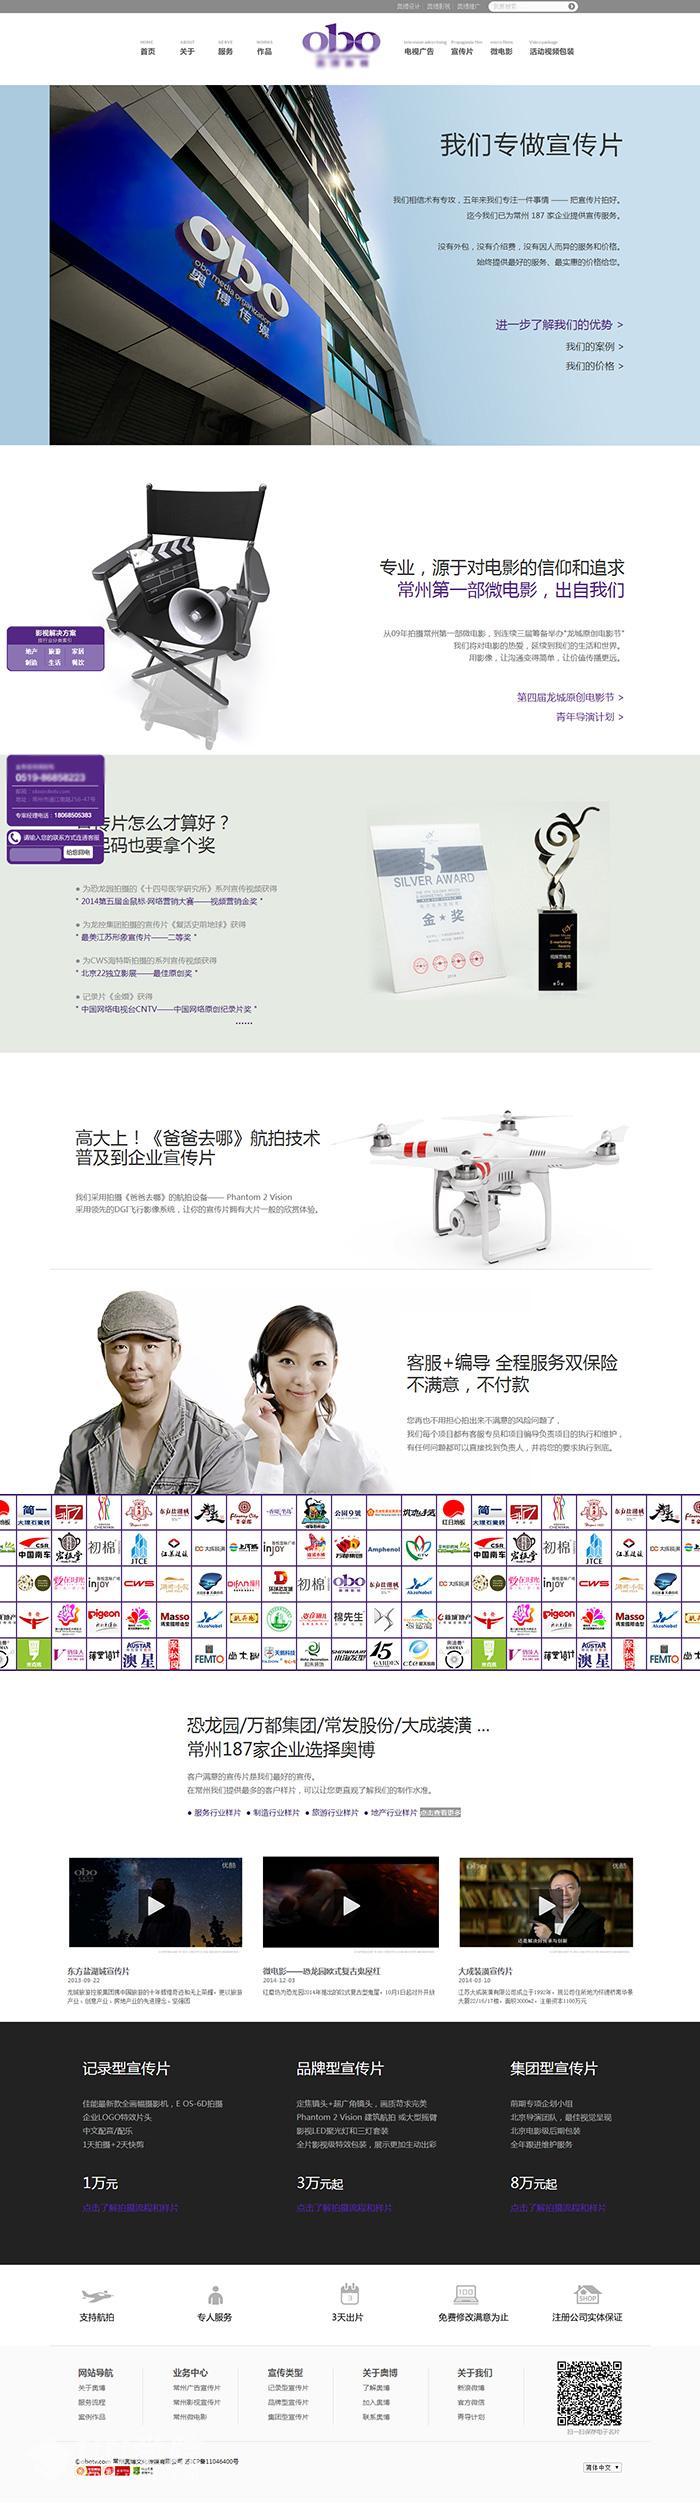 影视文化广告传媒、广告制品公司网站源码,企业网站模板